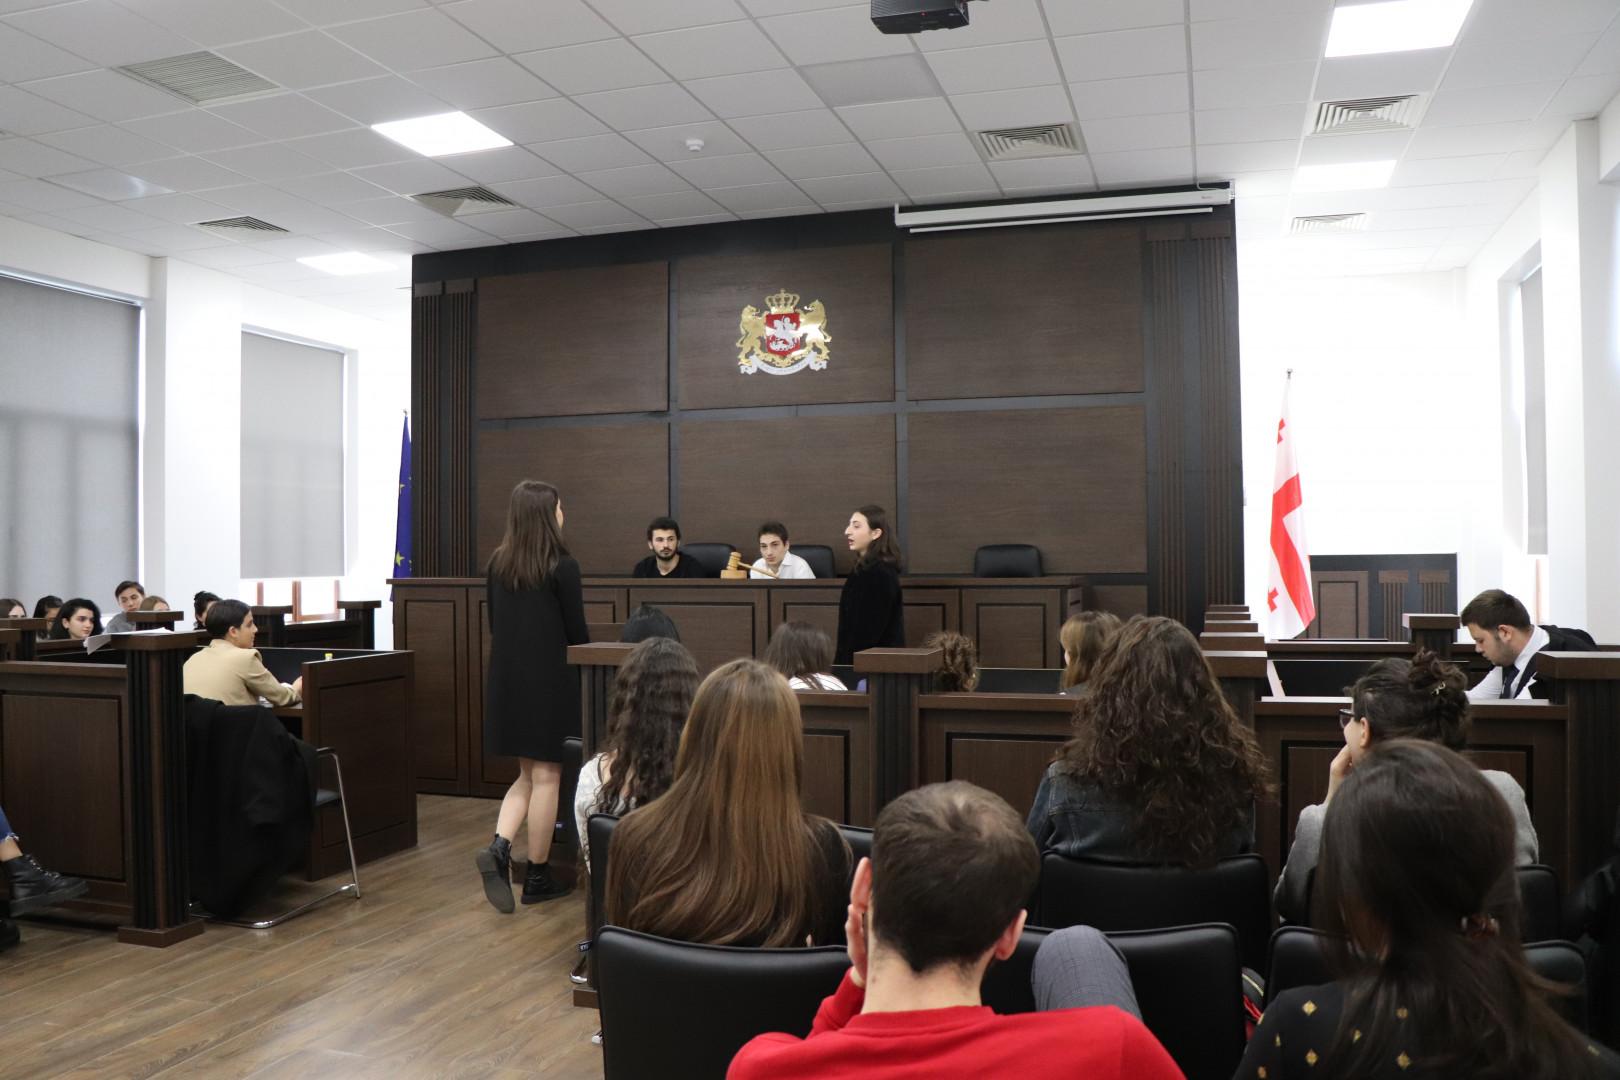 ნაფიცმსაჯულთა სასამართლოს იმიტირებული პროცესი აბიტურიენტებისთვის